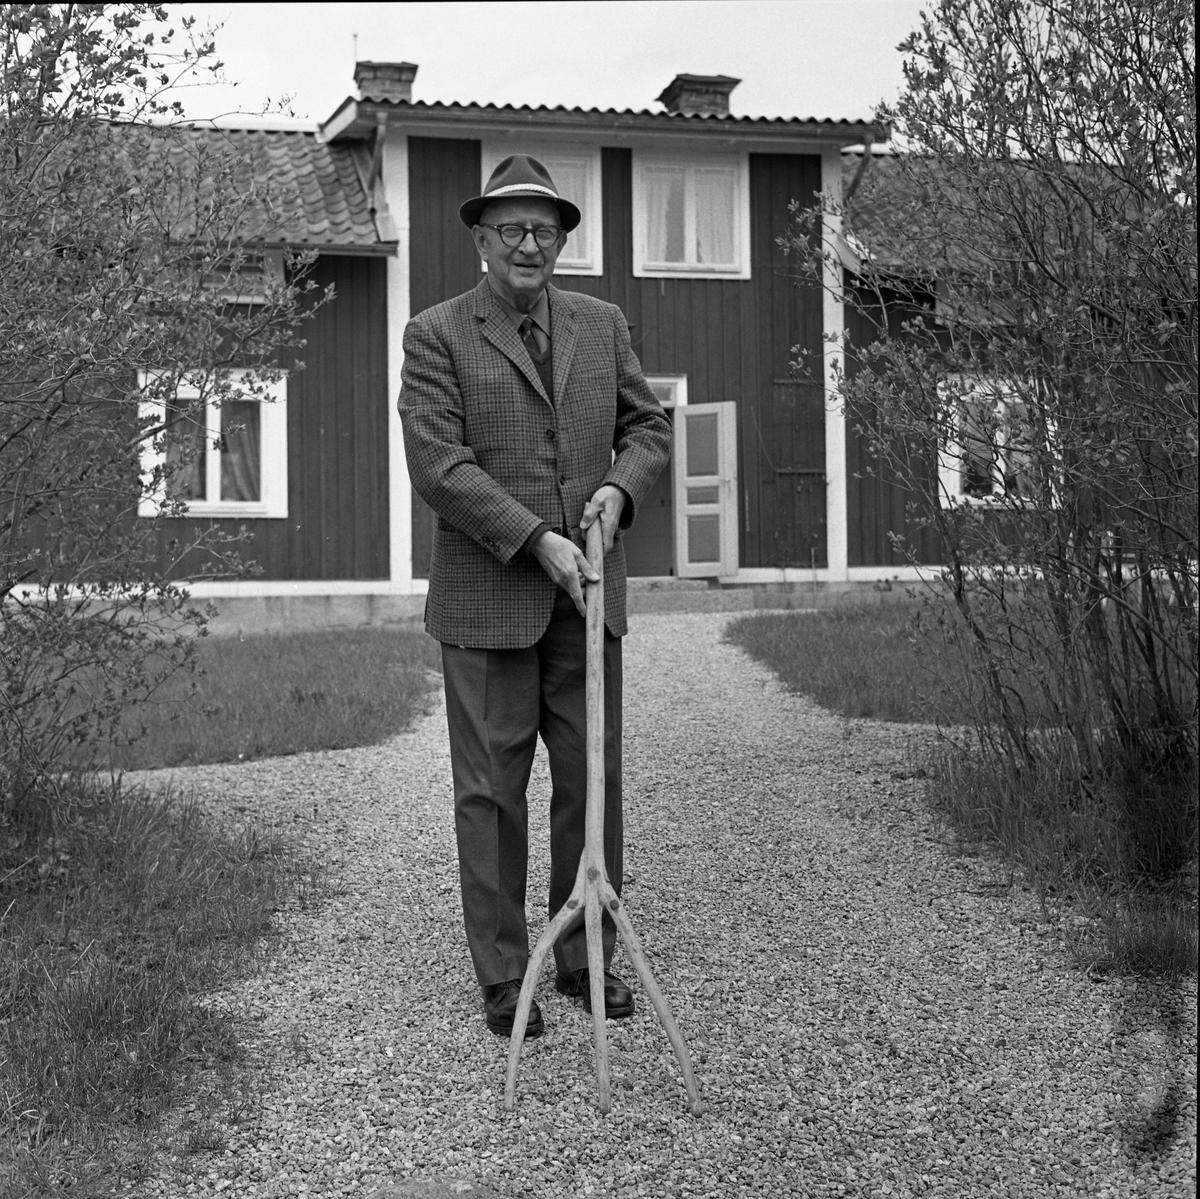 Doktor Bernhard Garsten, Medåker. På grusgången framför sitt hus. Han är klädd i hatt och kavaj. Han håller i en annorlunda grep.